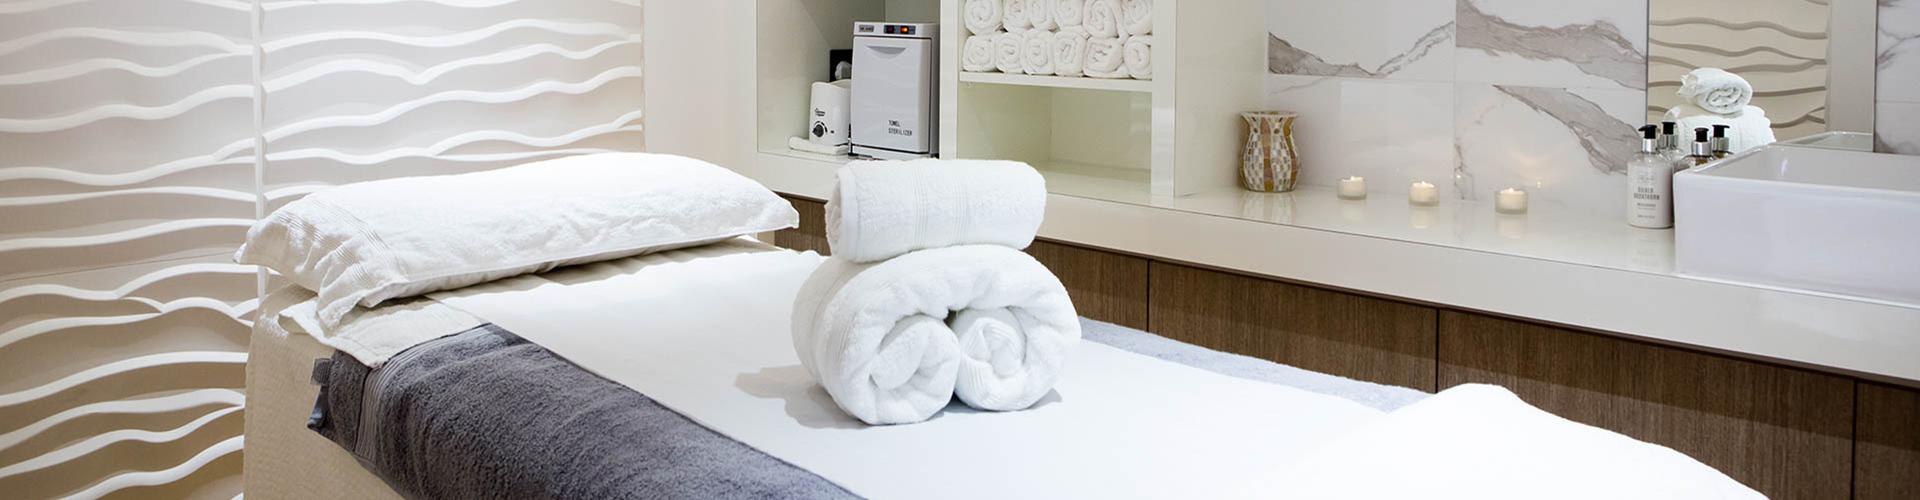 Beauty Salon Chelsea, Beauty Salon Kensington, Best Massage in Chelsea